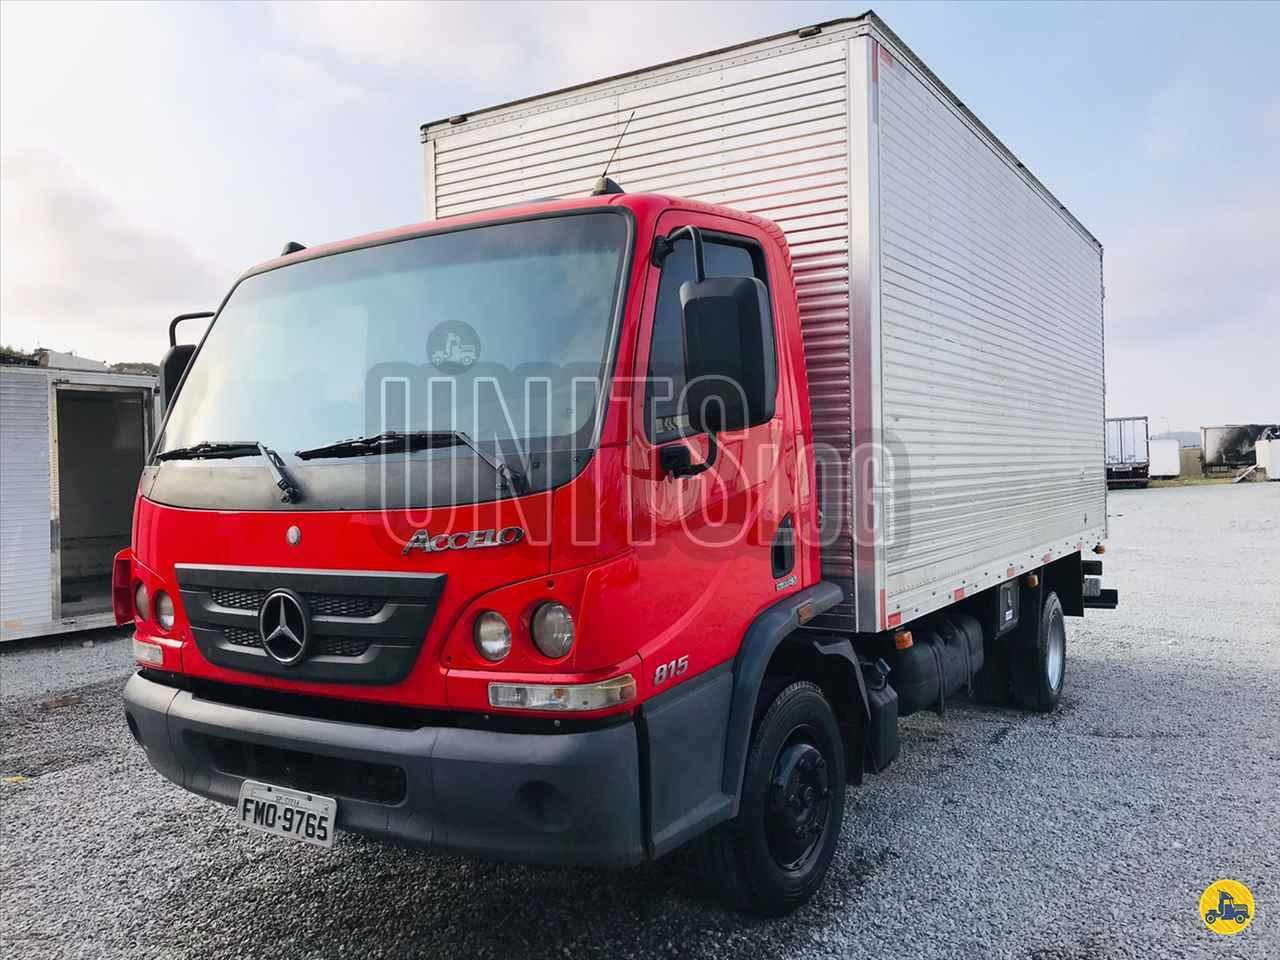 CAMINHAO MERCEDES-BENZ MB 815 Baú Térmico 3/4 4x2 Unitslog Caminhões ITAPECERICA DA SERRA SÃO PAULO SP